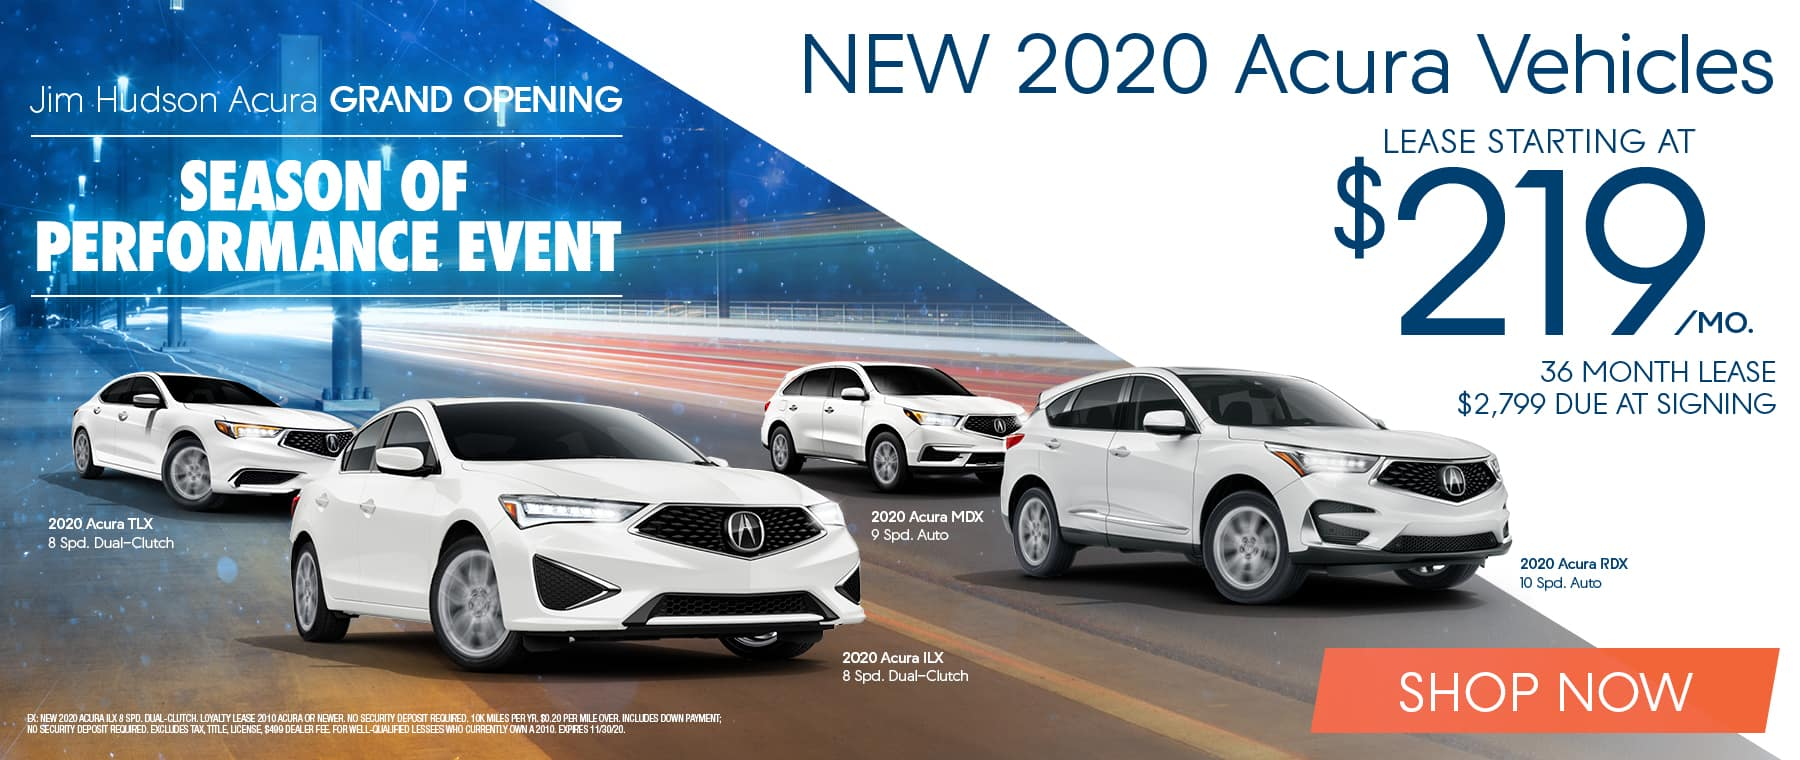 New 2020 Acura Vehicles